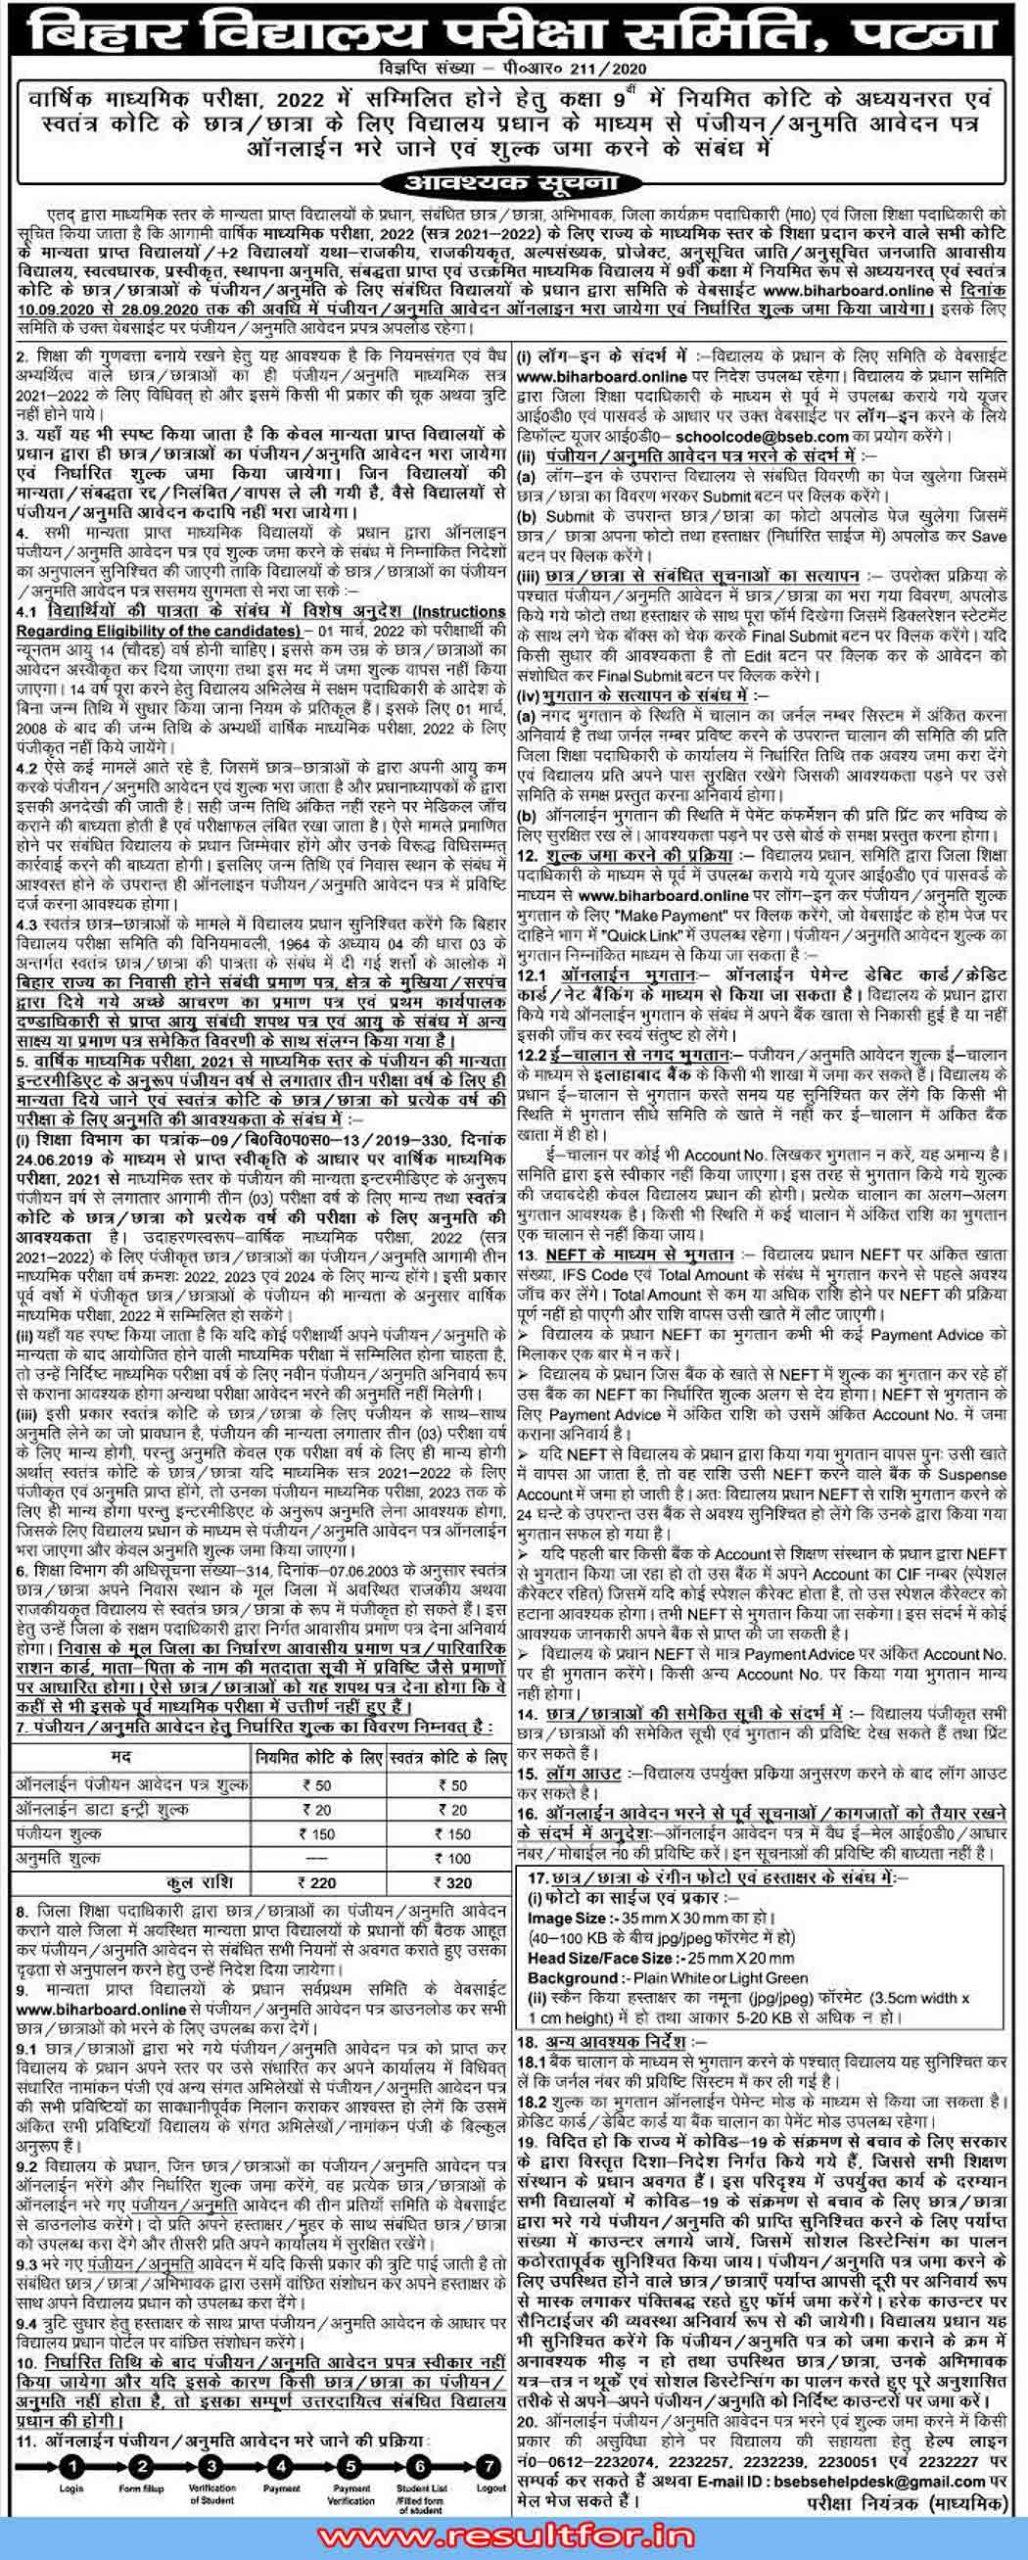 Bihar-Board-9th-Registration-2020-2022-official-Notification-